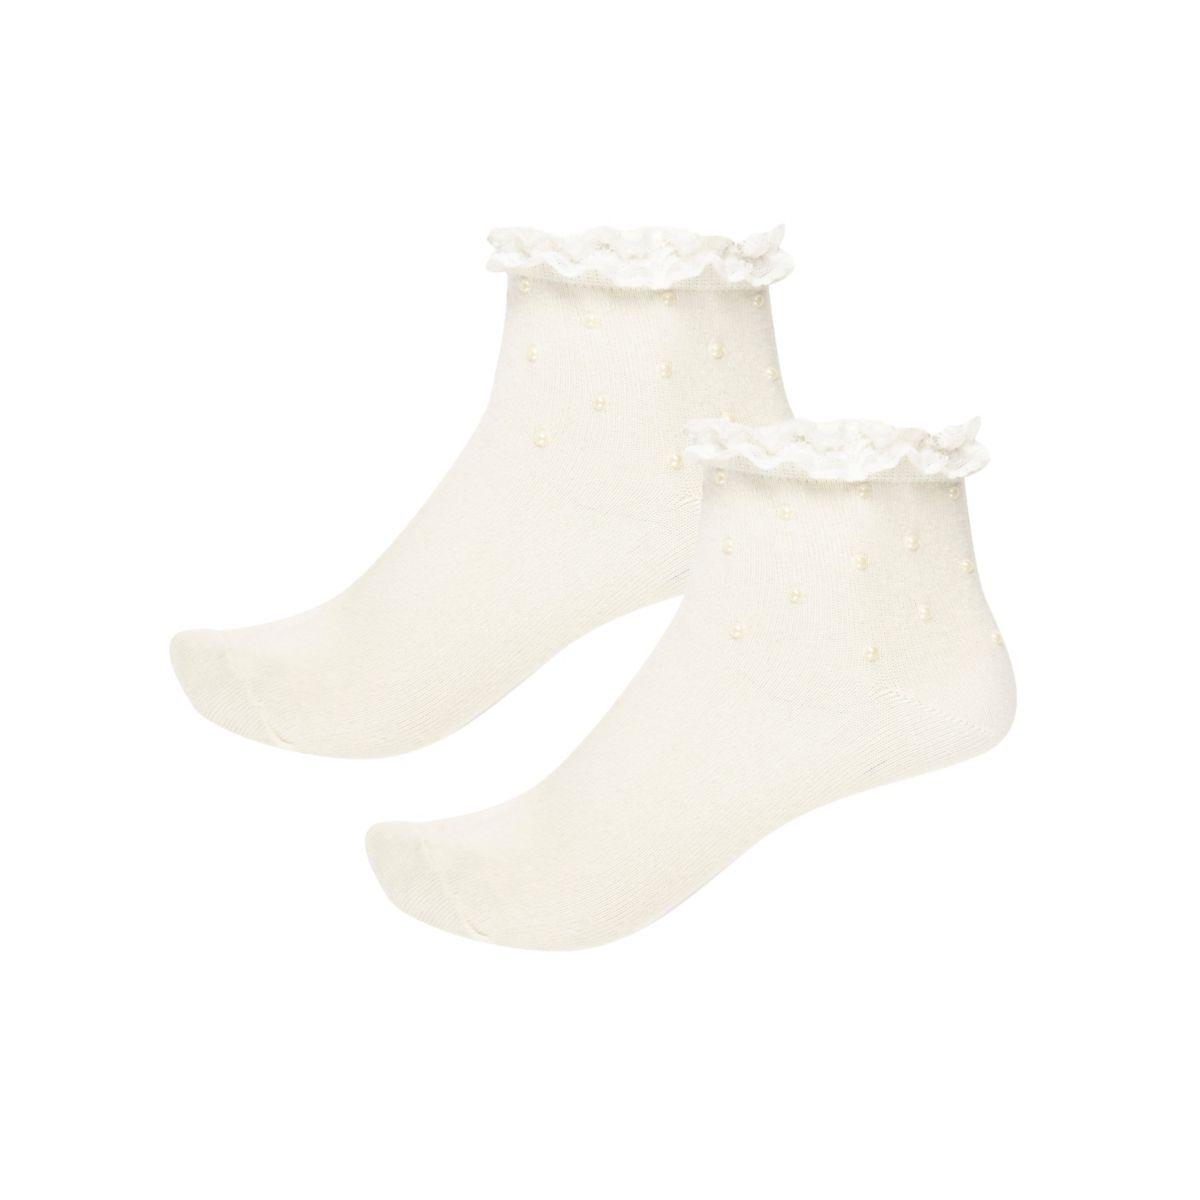 Chaussettes crème cloutées de perles avec volants pour fille